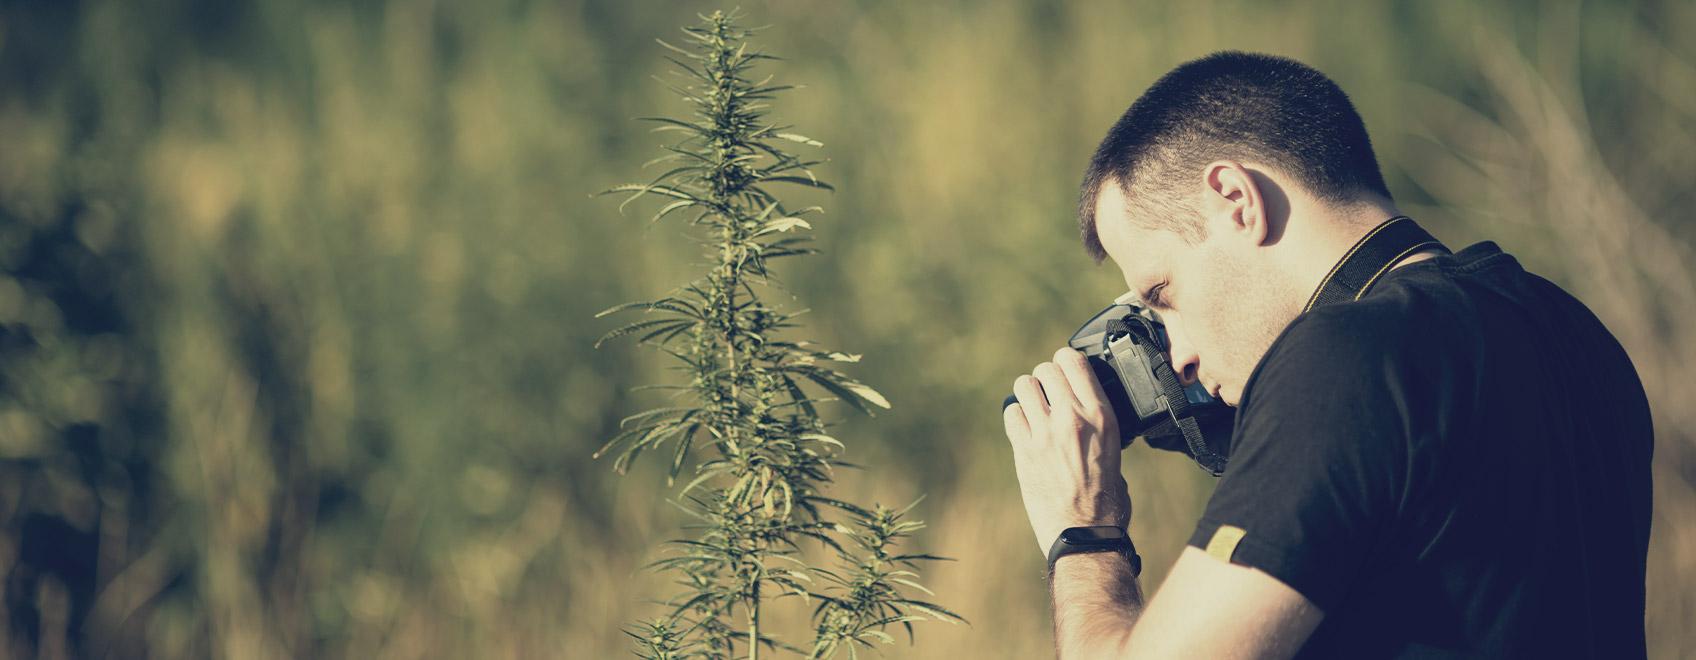 ¿Podrías compartir con nosotros unos consejos para hacer fotografías creativas del cannabis?